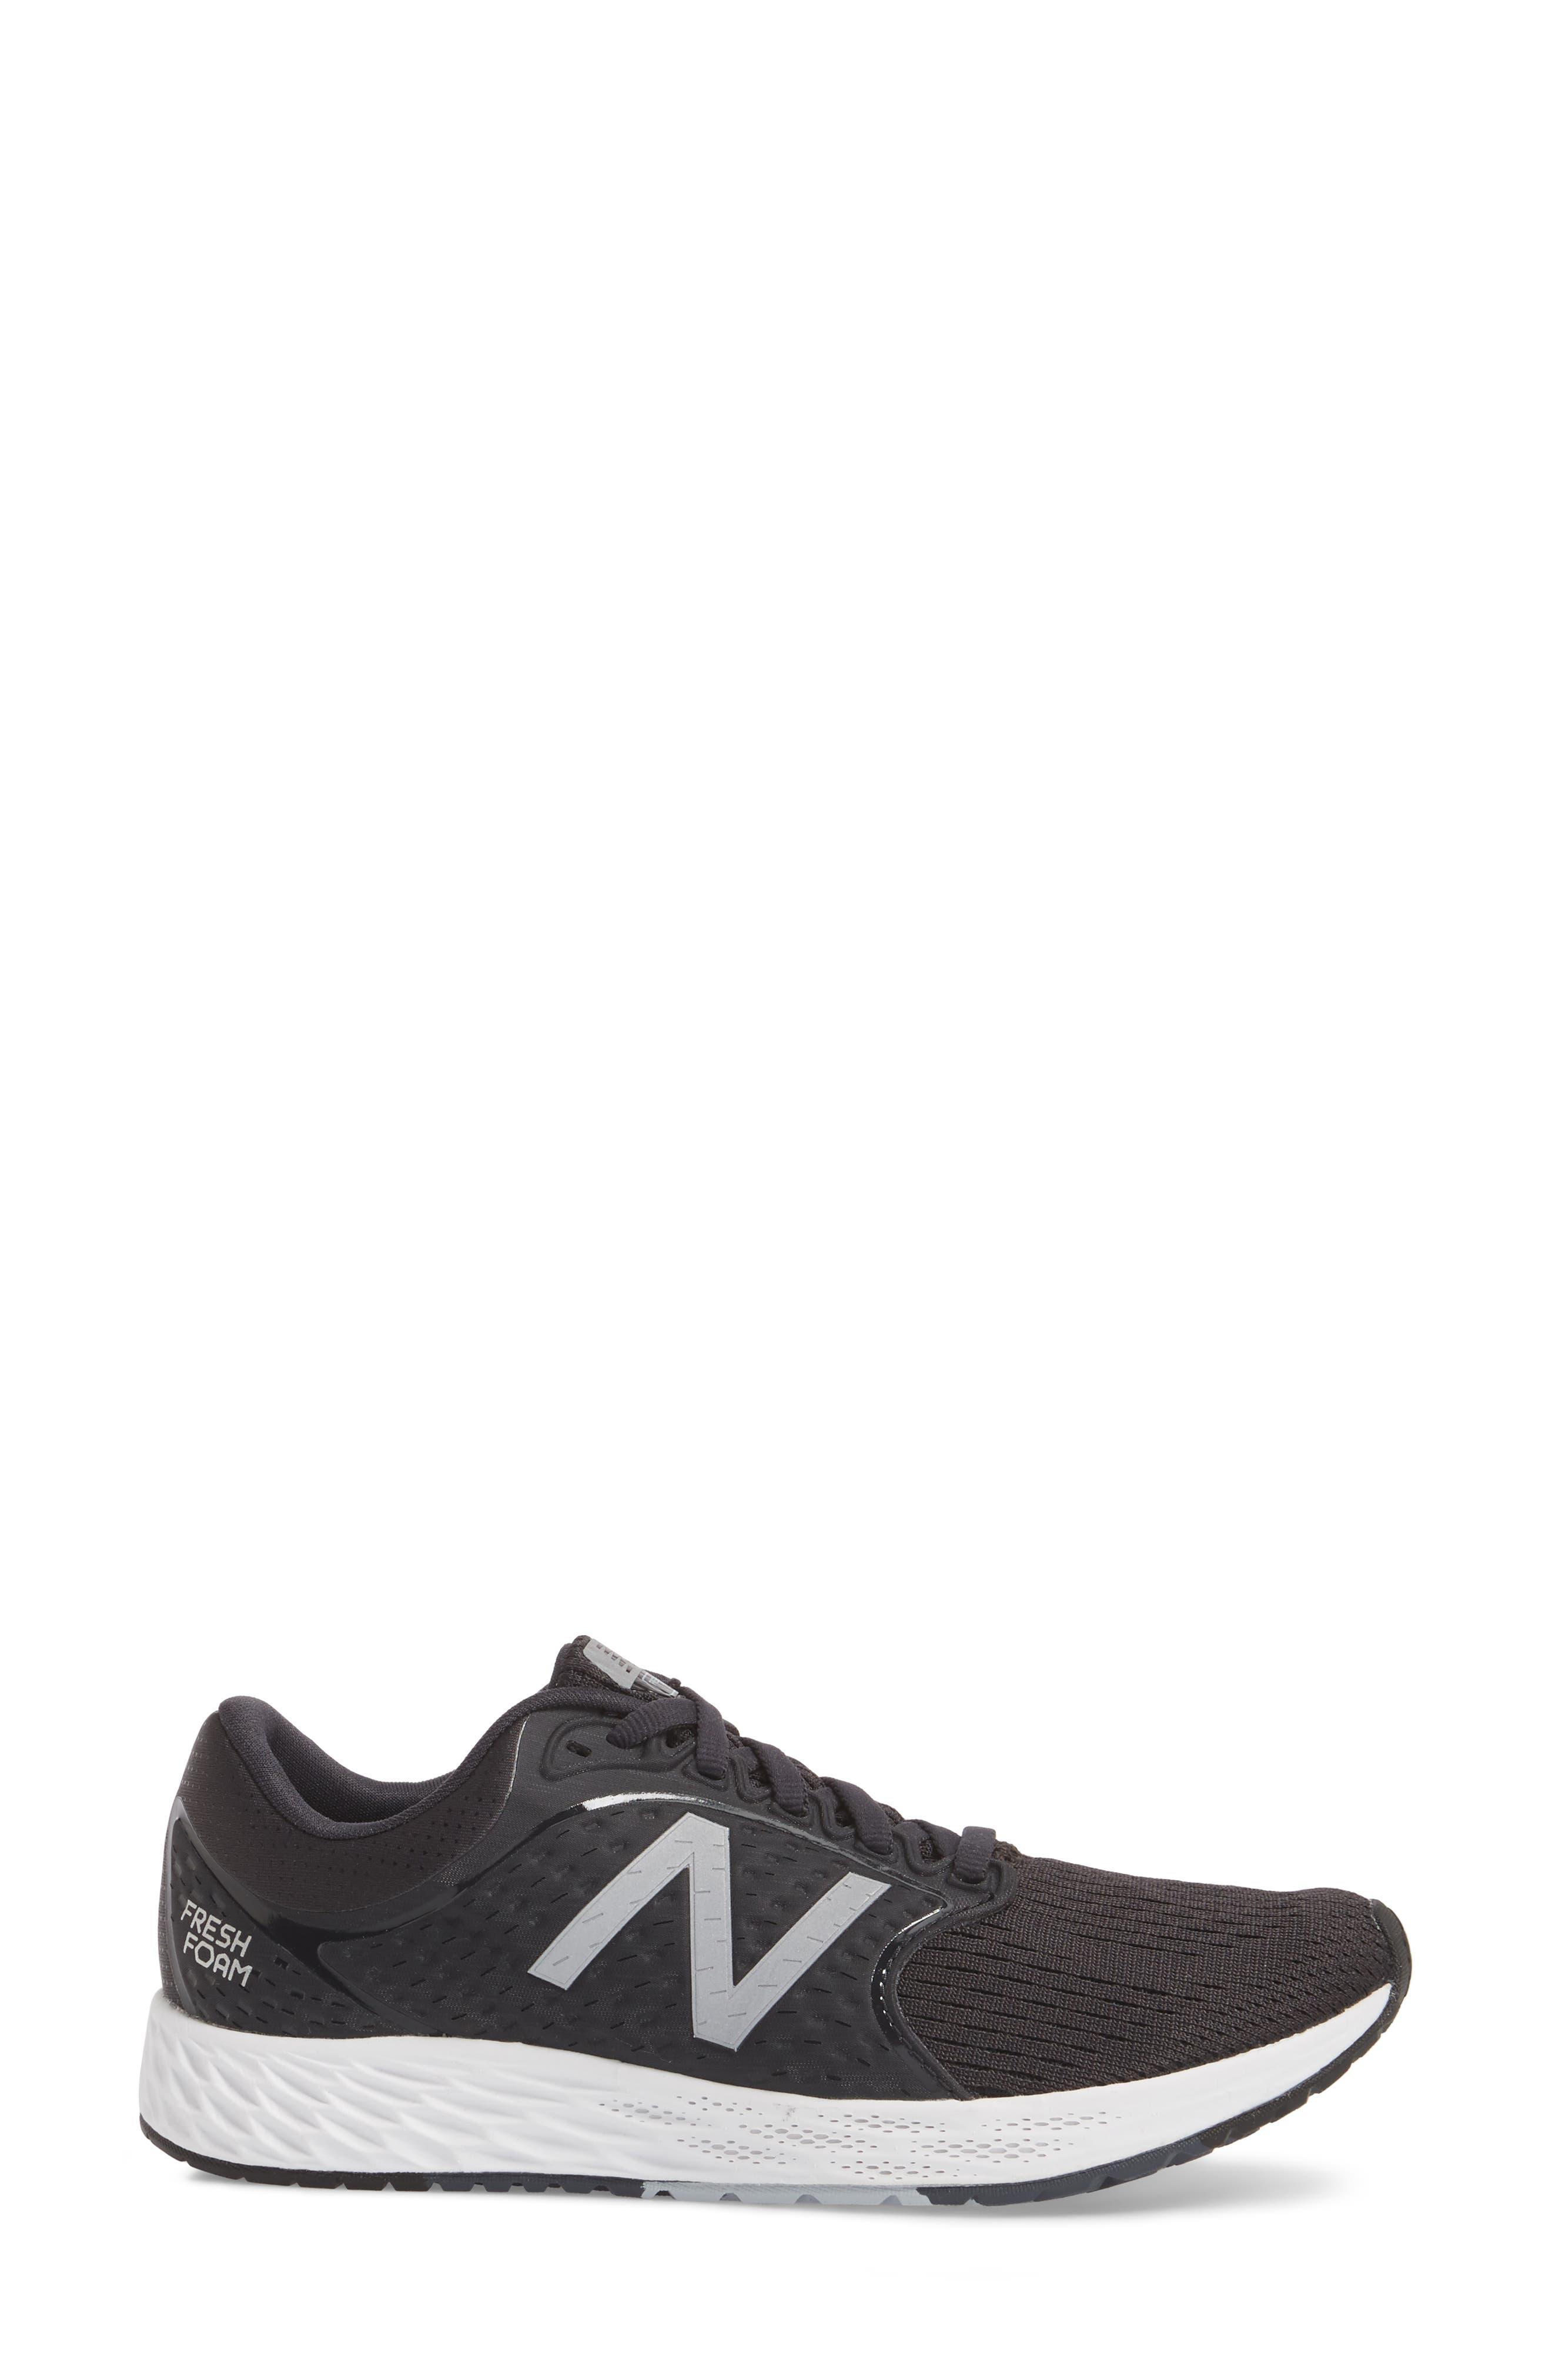 Fresh Foam Zante v4 Running Shoe,                             Alternate thumbnail 3, color,                             001